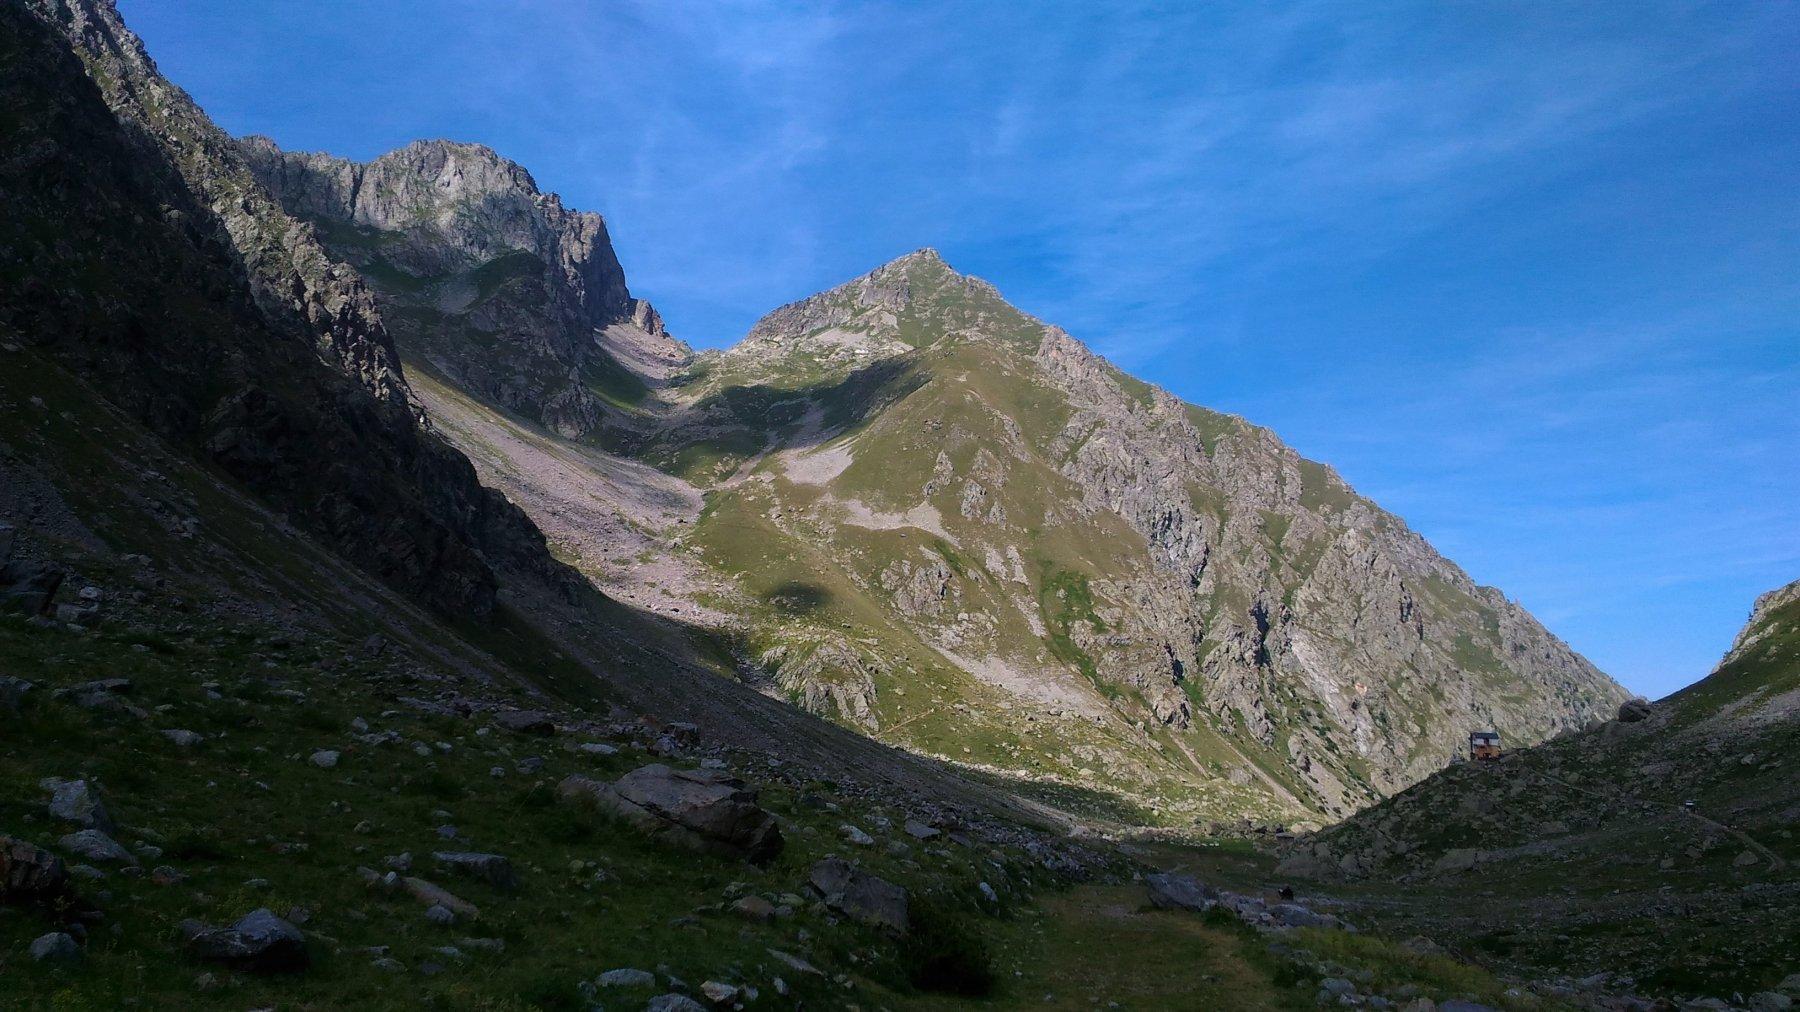 Punta di fenestrelle a vallone di salita, visti dall'itinerario del Colle di Finestra